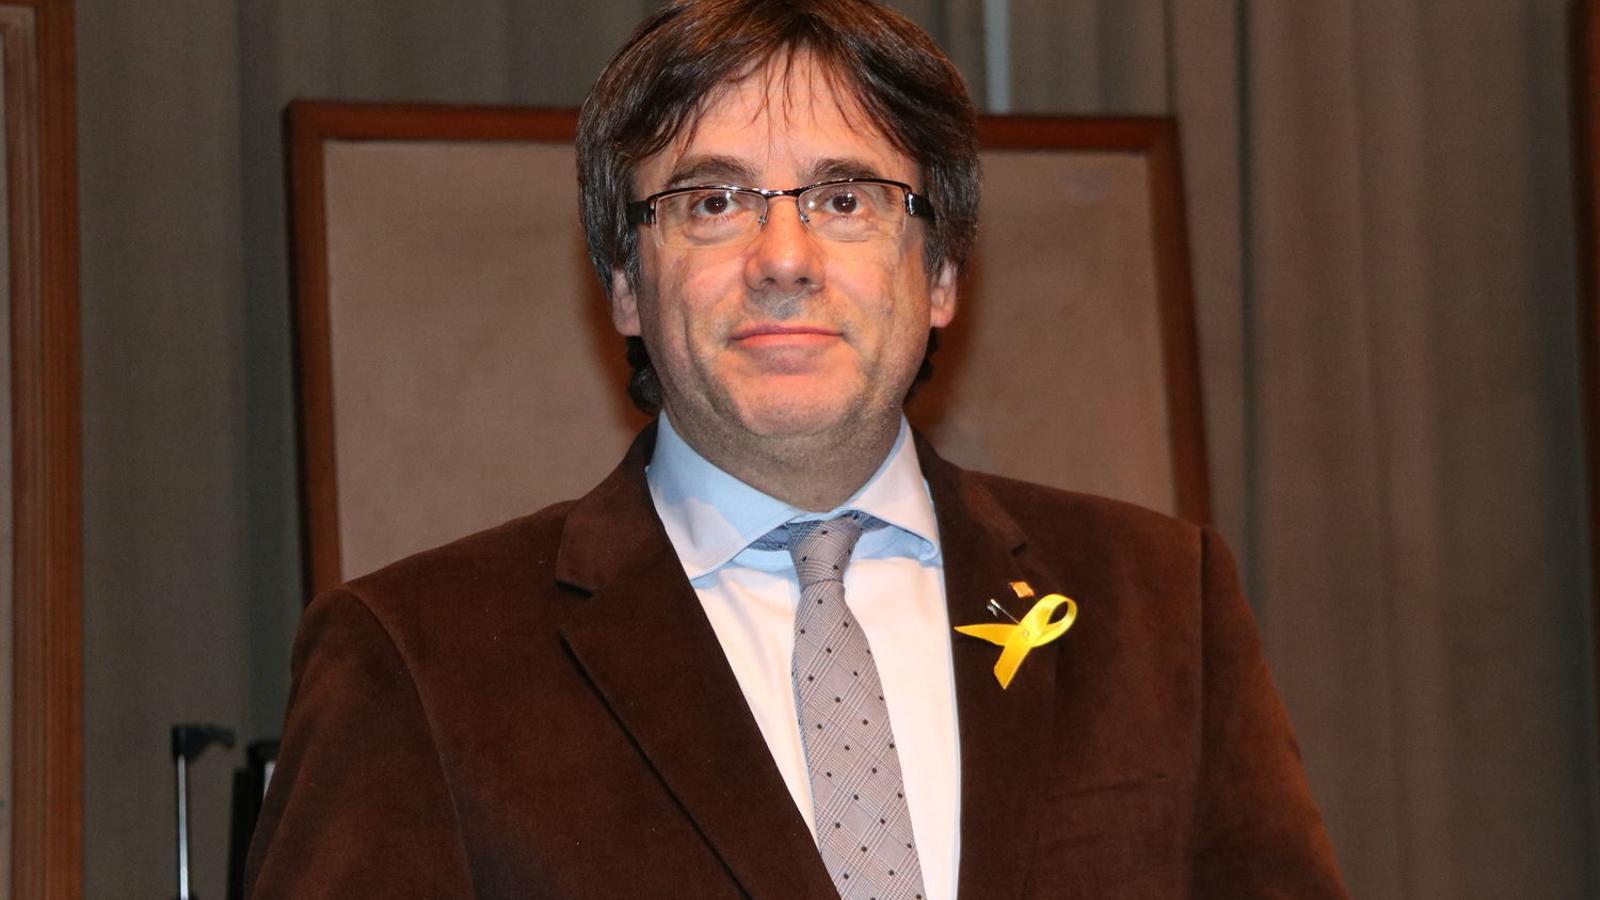 Podria la justícia espanyola desistir que li lliurin a Puigdemont?